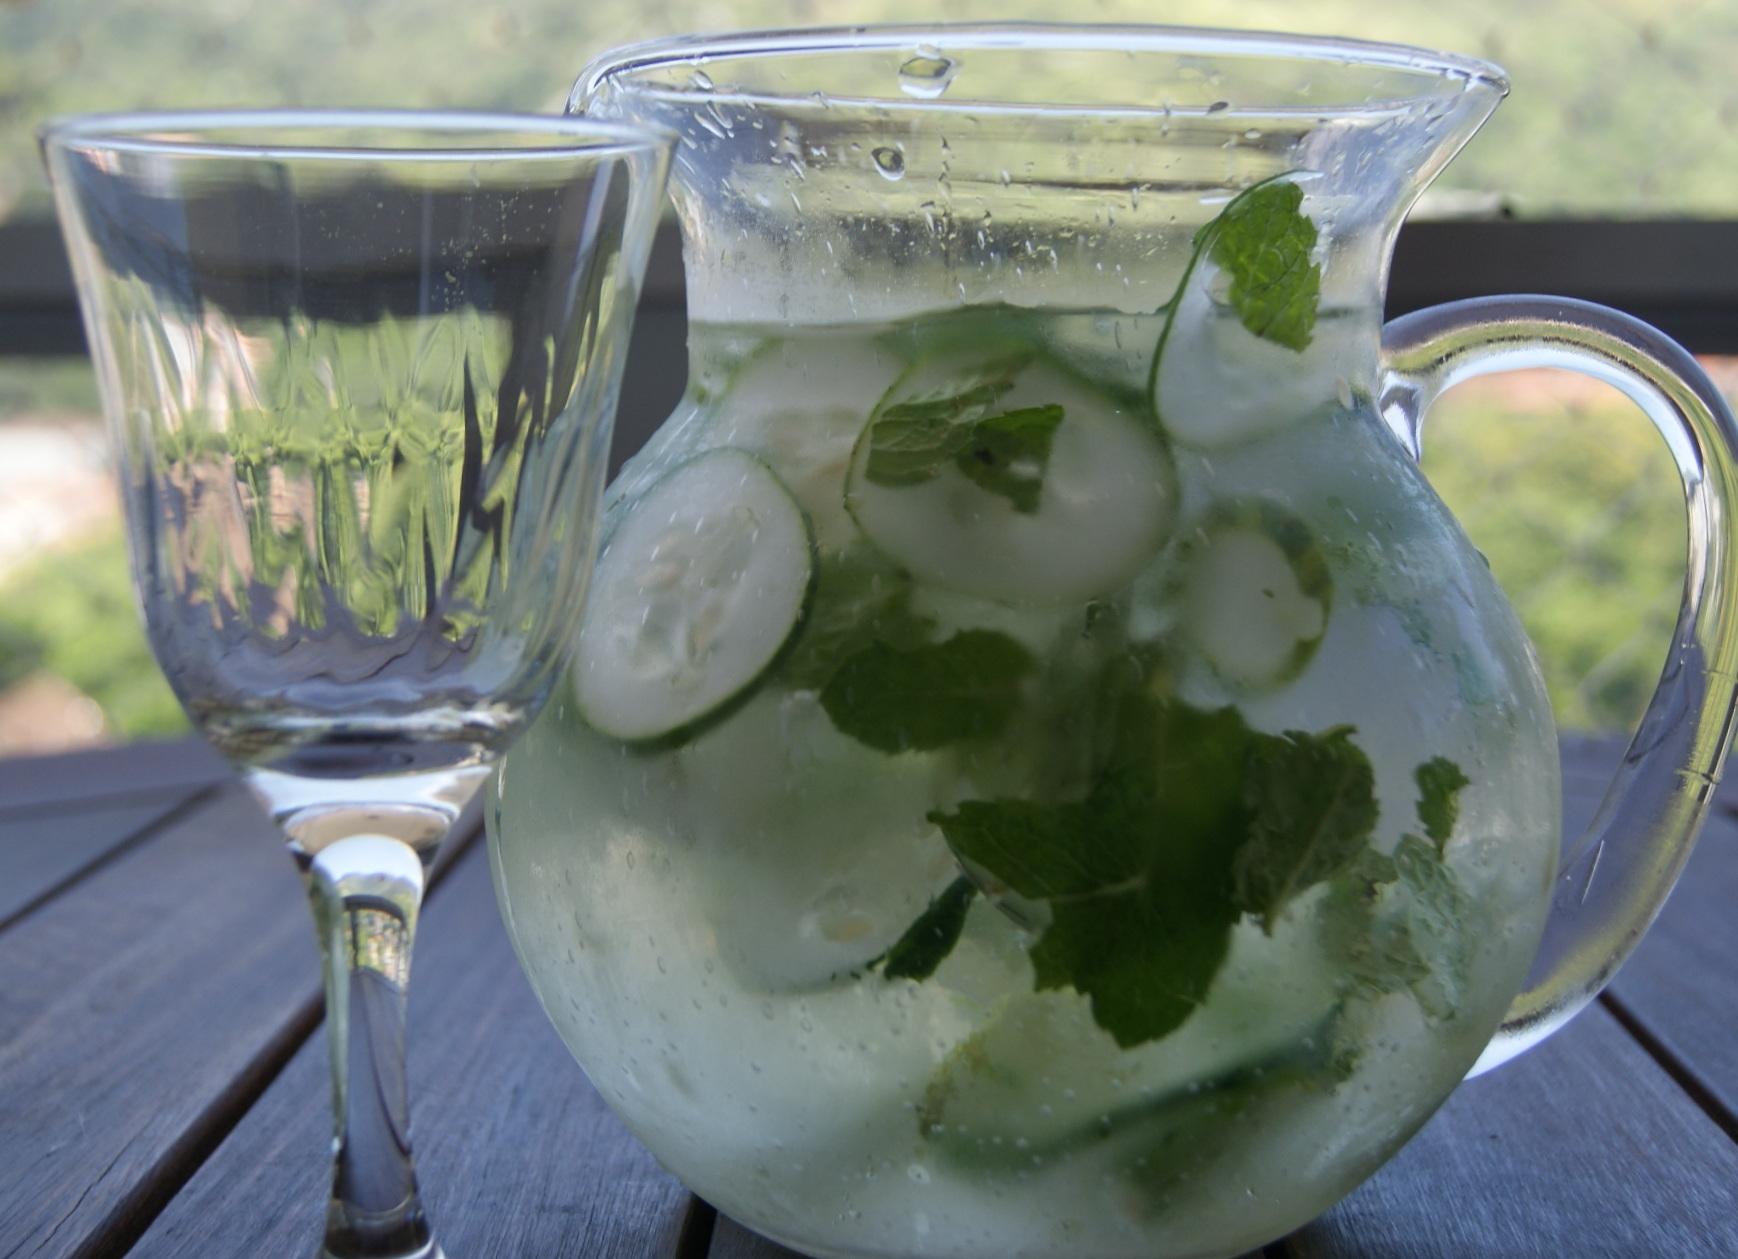 agua-limao-gengibre-pepino-reduz-peso-barriga-emagrecer-3